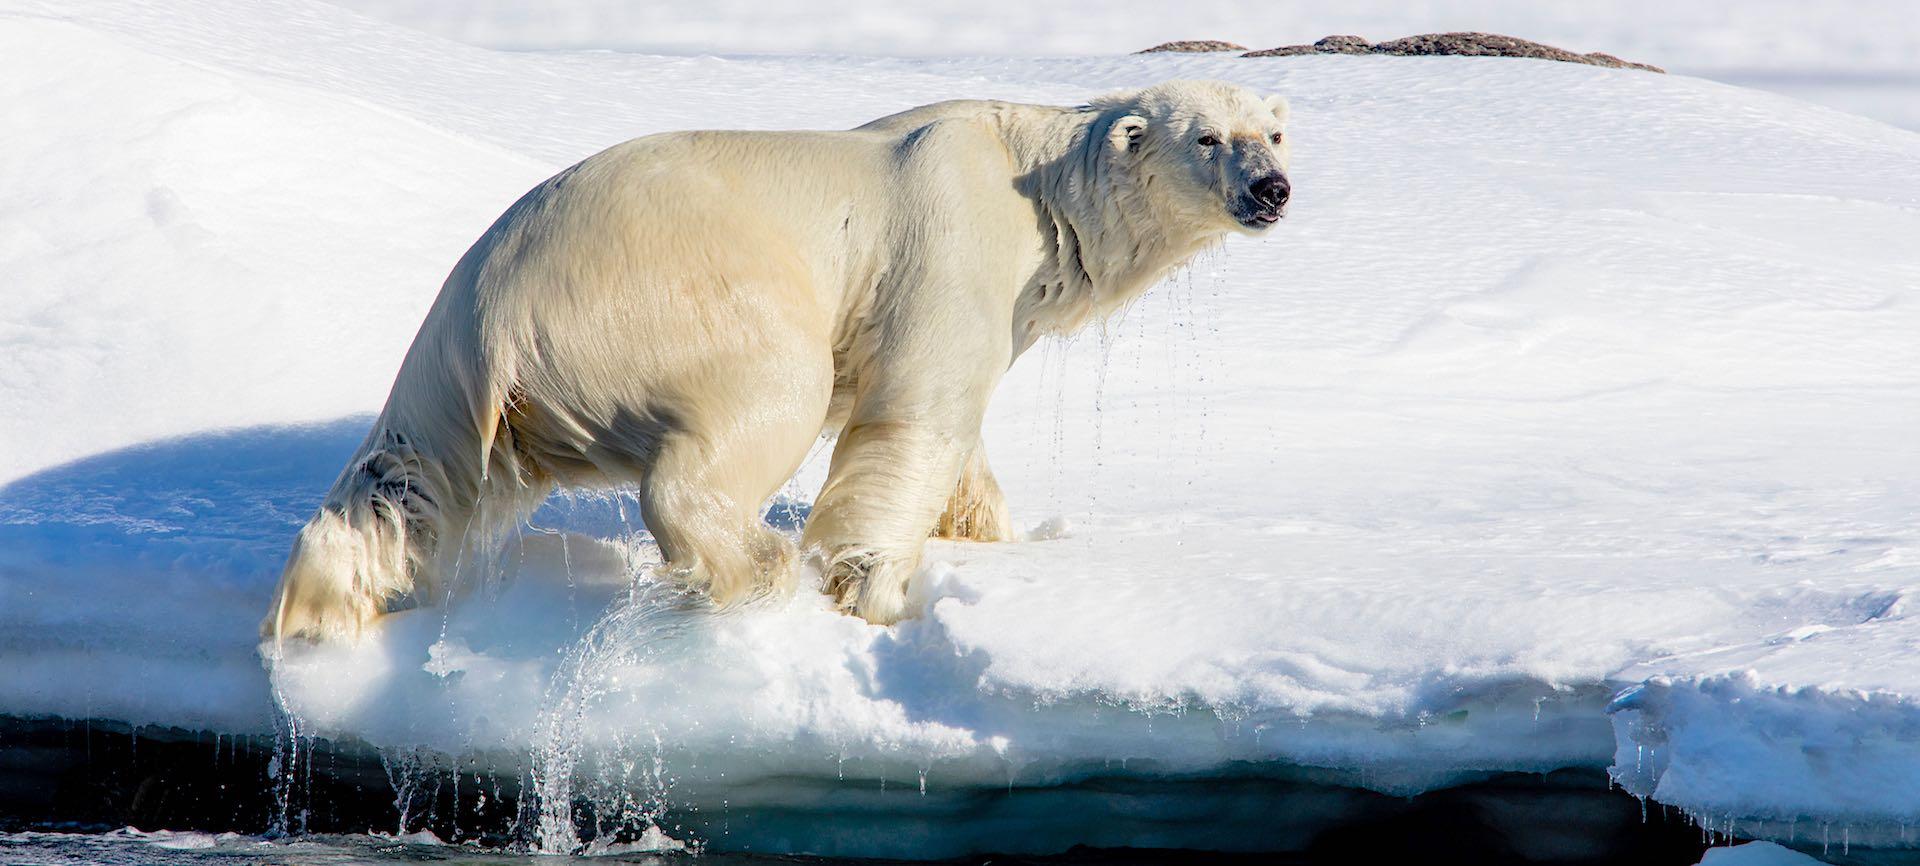 Polar bear climbing onto icy shore